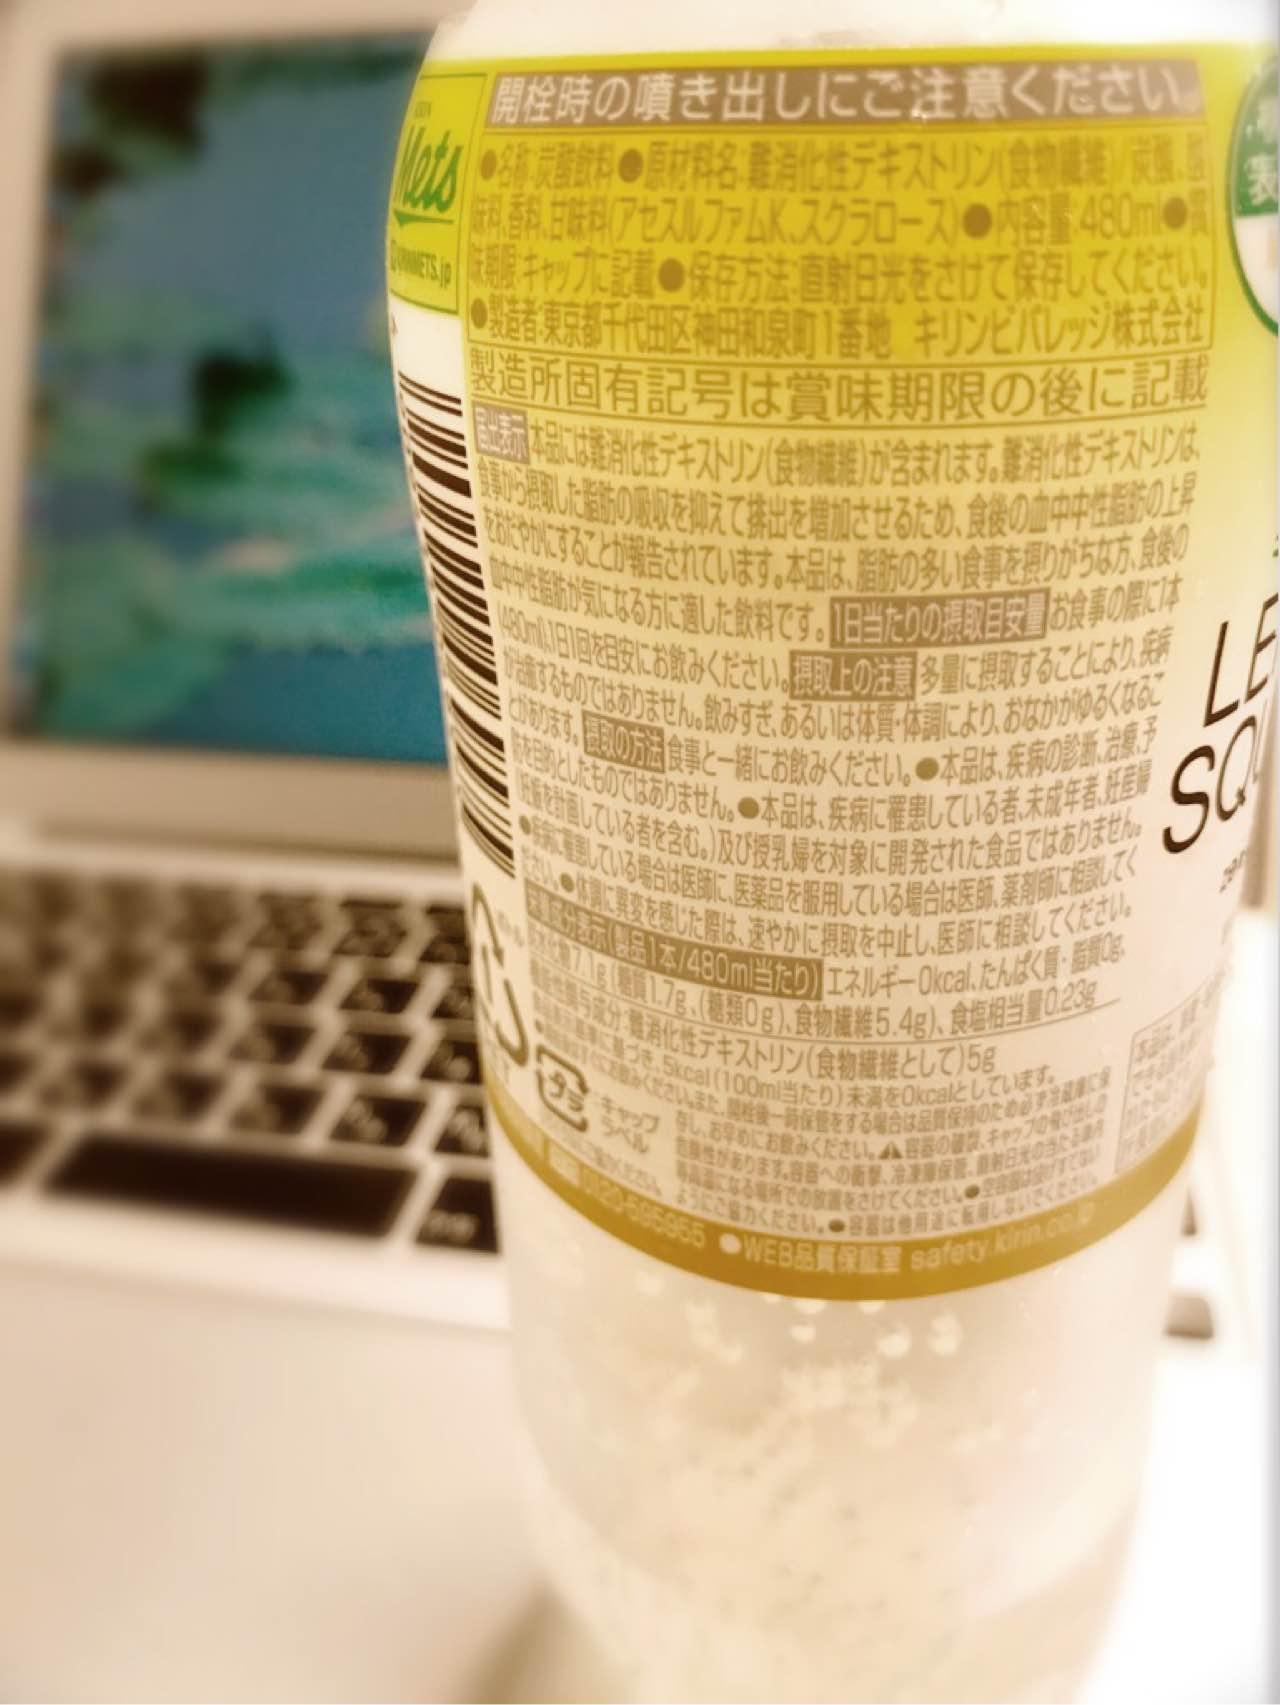 KIRIN Mets+ Lemon Squash 無果汁(・_・;  注意書きがたくさん載ってるけど読まないでしょ……字が小さいし色とフォントのせいか読みにくいし字間詰め過ぎだし漢字多すぎだし。 https://t.co/kAKSCFvq52